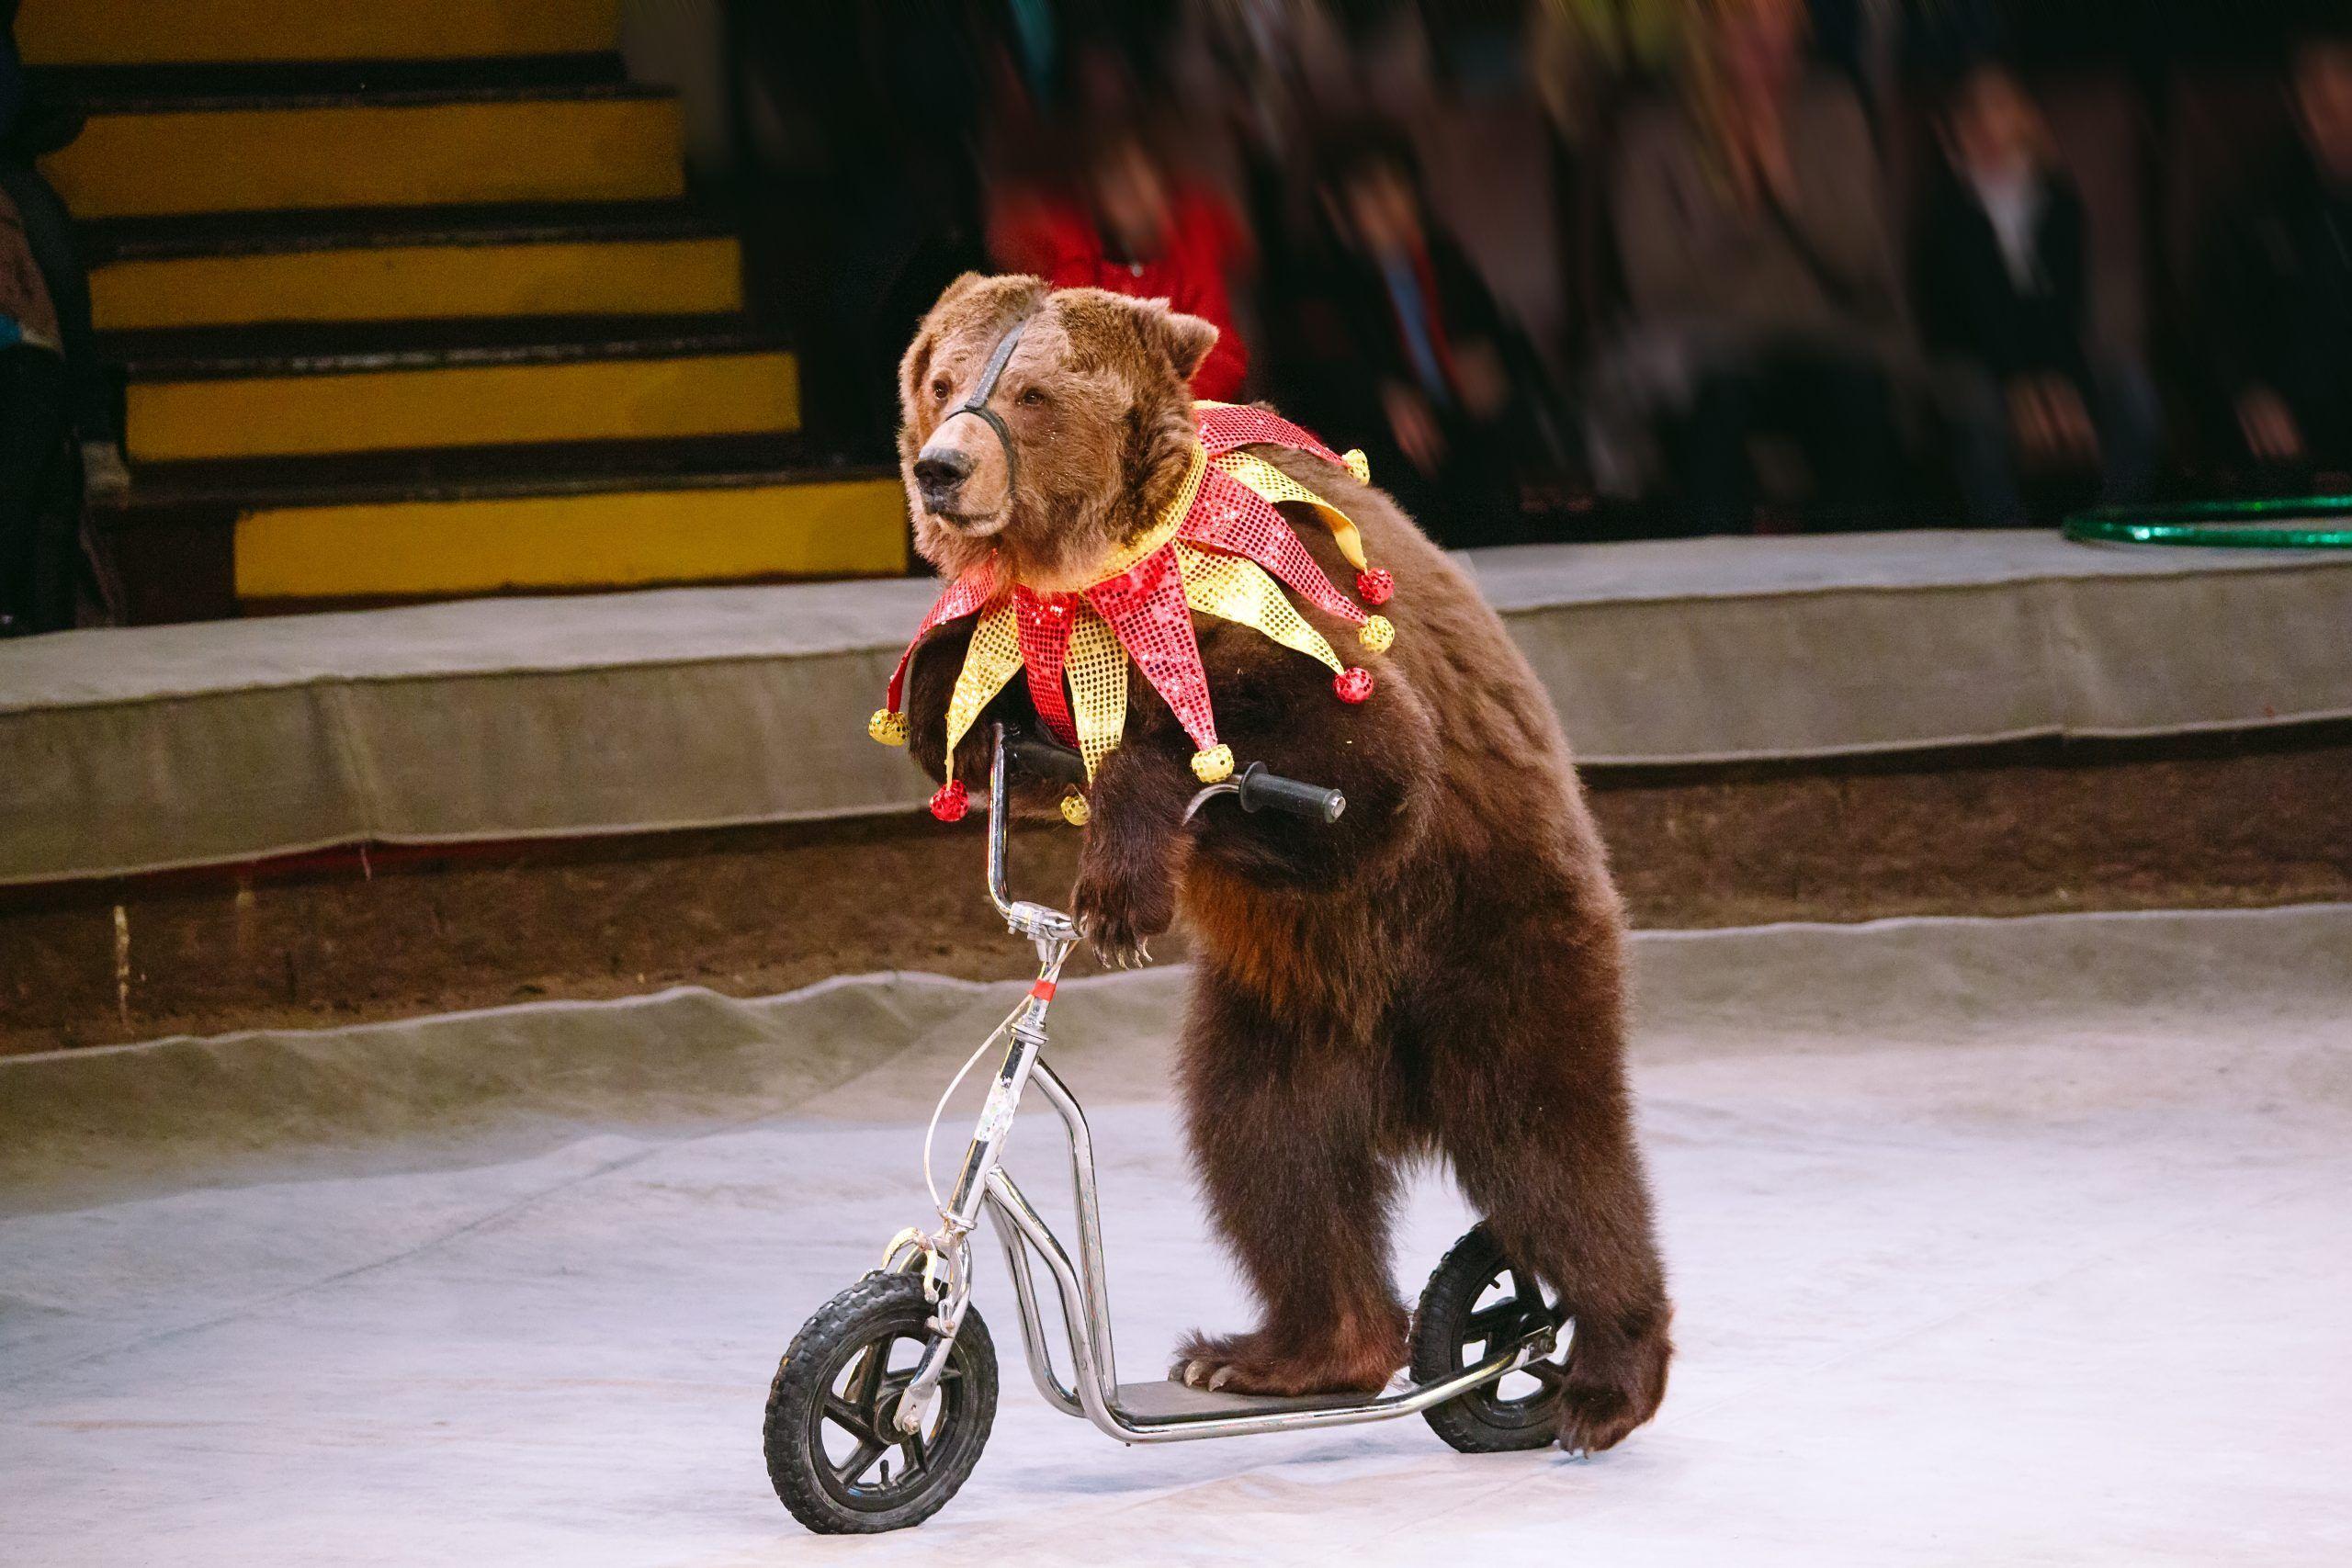 bear.jpg.fbbfe17246981eb6f62625e557281062.jpg